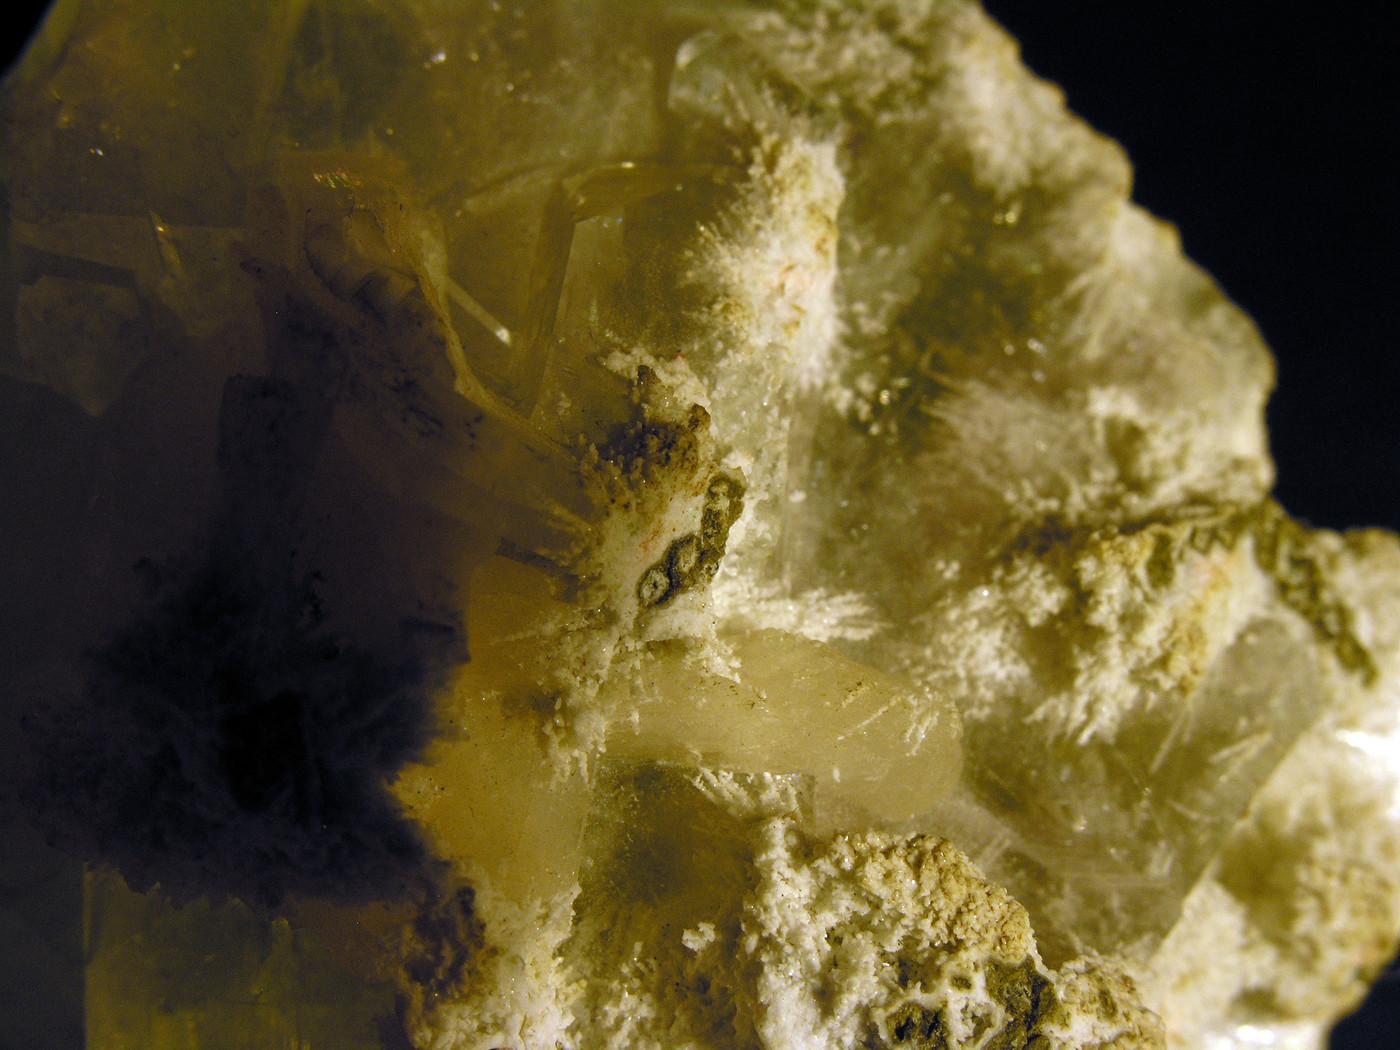 ApophiliteStilbite1